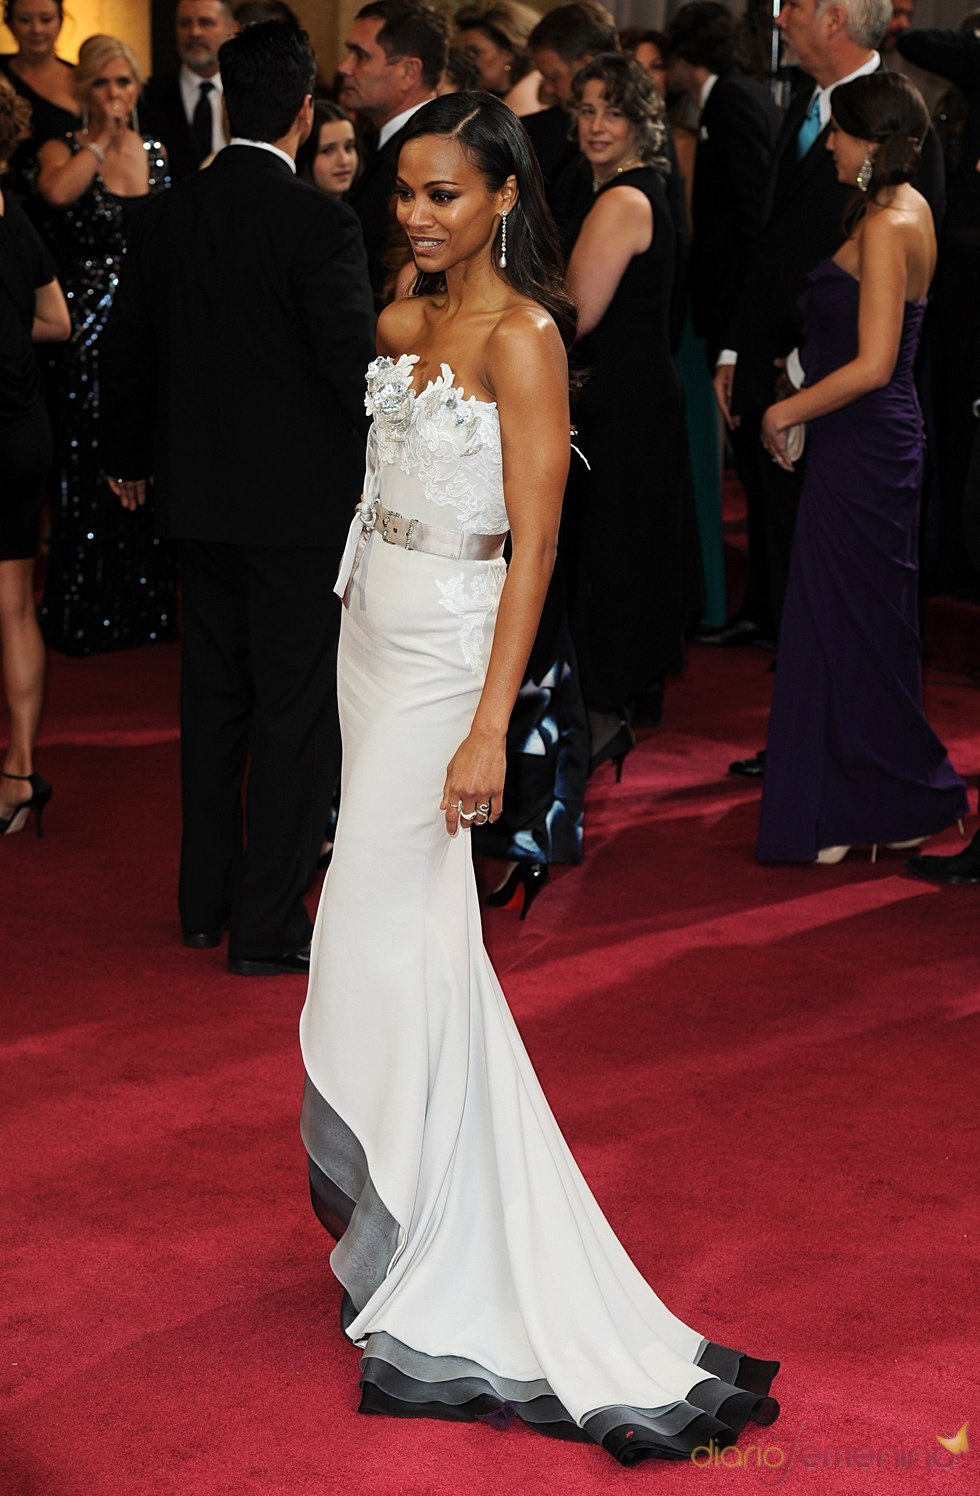 Zoe Saldana en la alfombra roja de los Oscars 2013